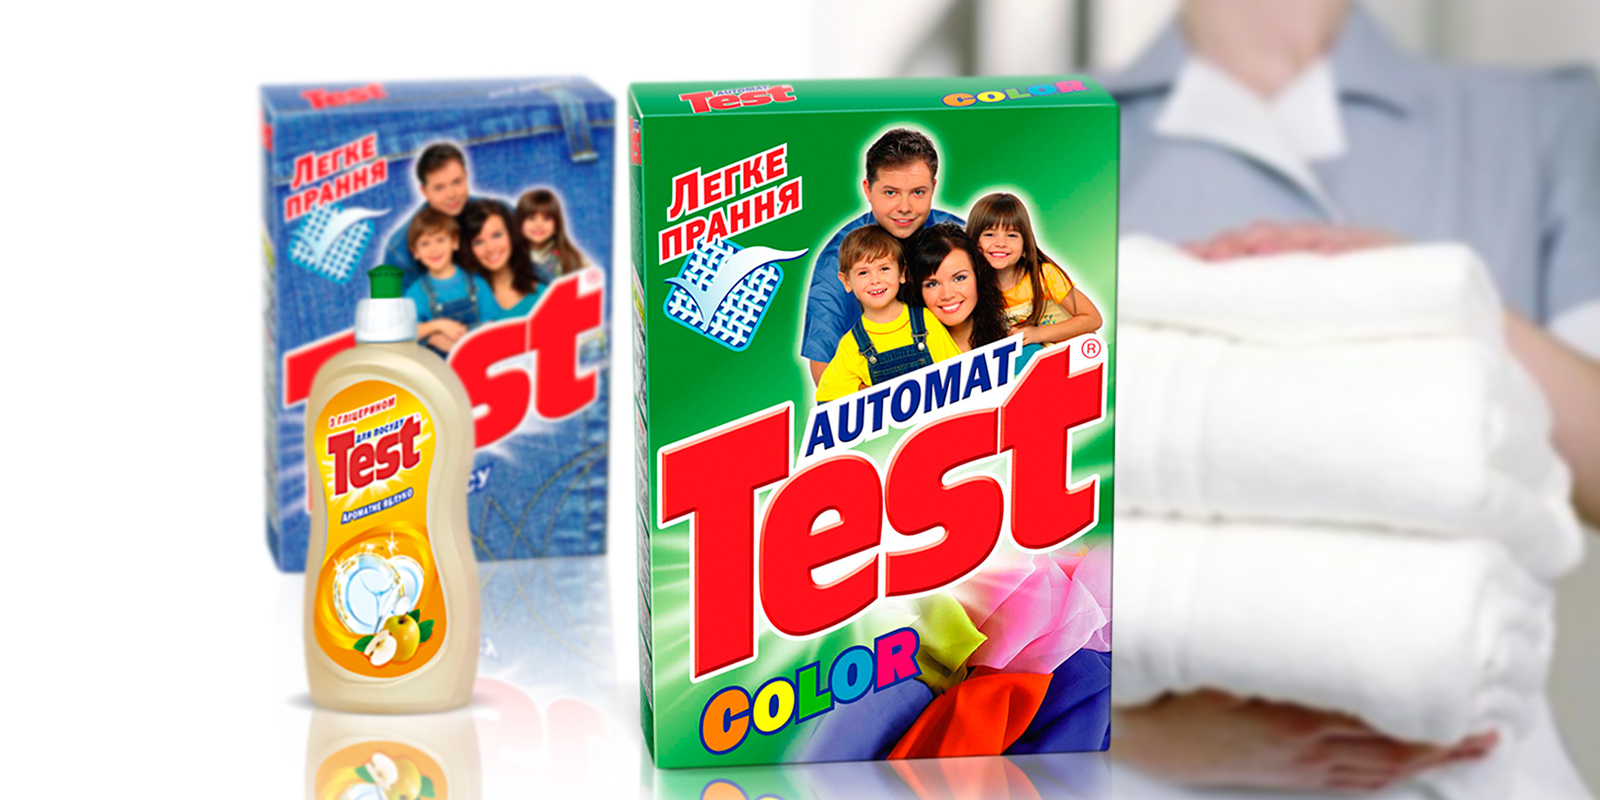 TM «Test»;;;;;;Комплексный рестайлинг упаковки моющих средств  - 57 SKU;;;;;;<span>Клиент:</span> TM «Test»;;;;;;;;;;;;Комплексный рестайлинг упаковки моющих средств  - 57 SKU;;;;;; 2 ;;;;;;